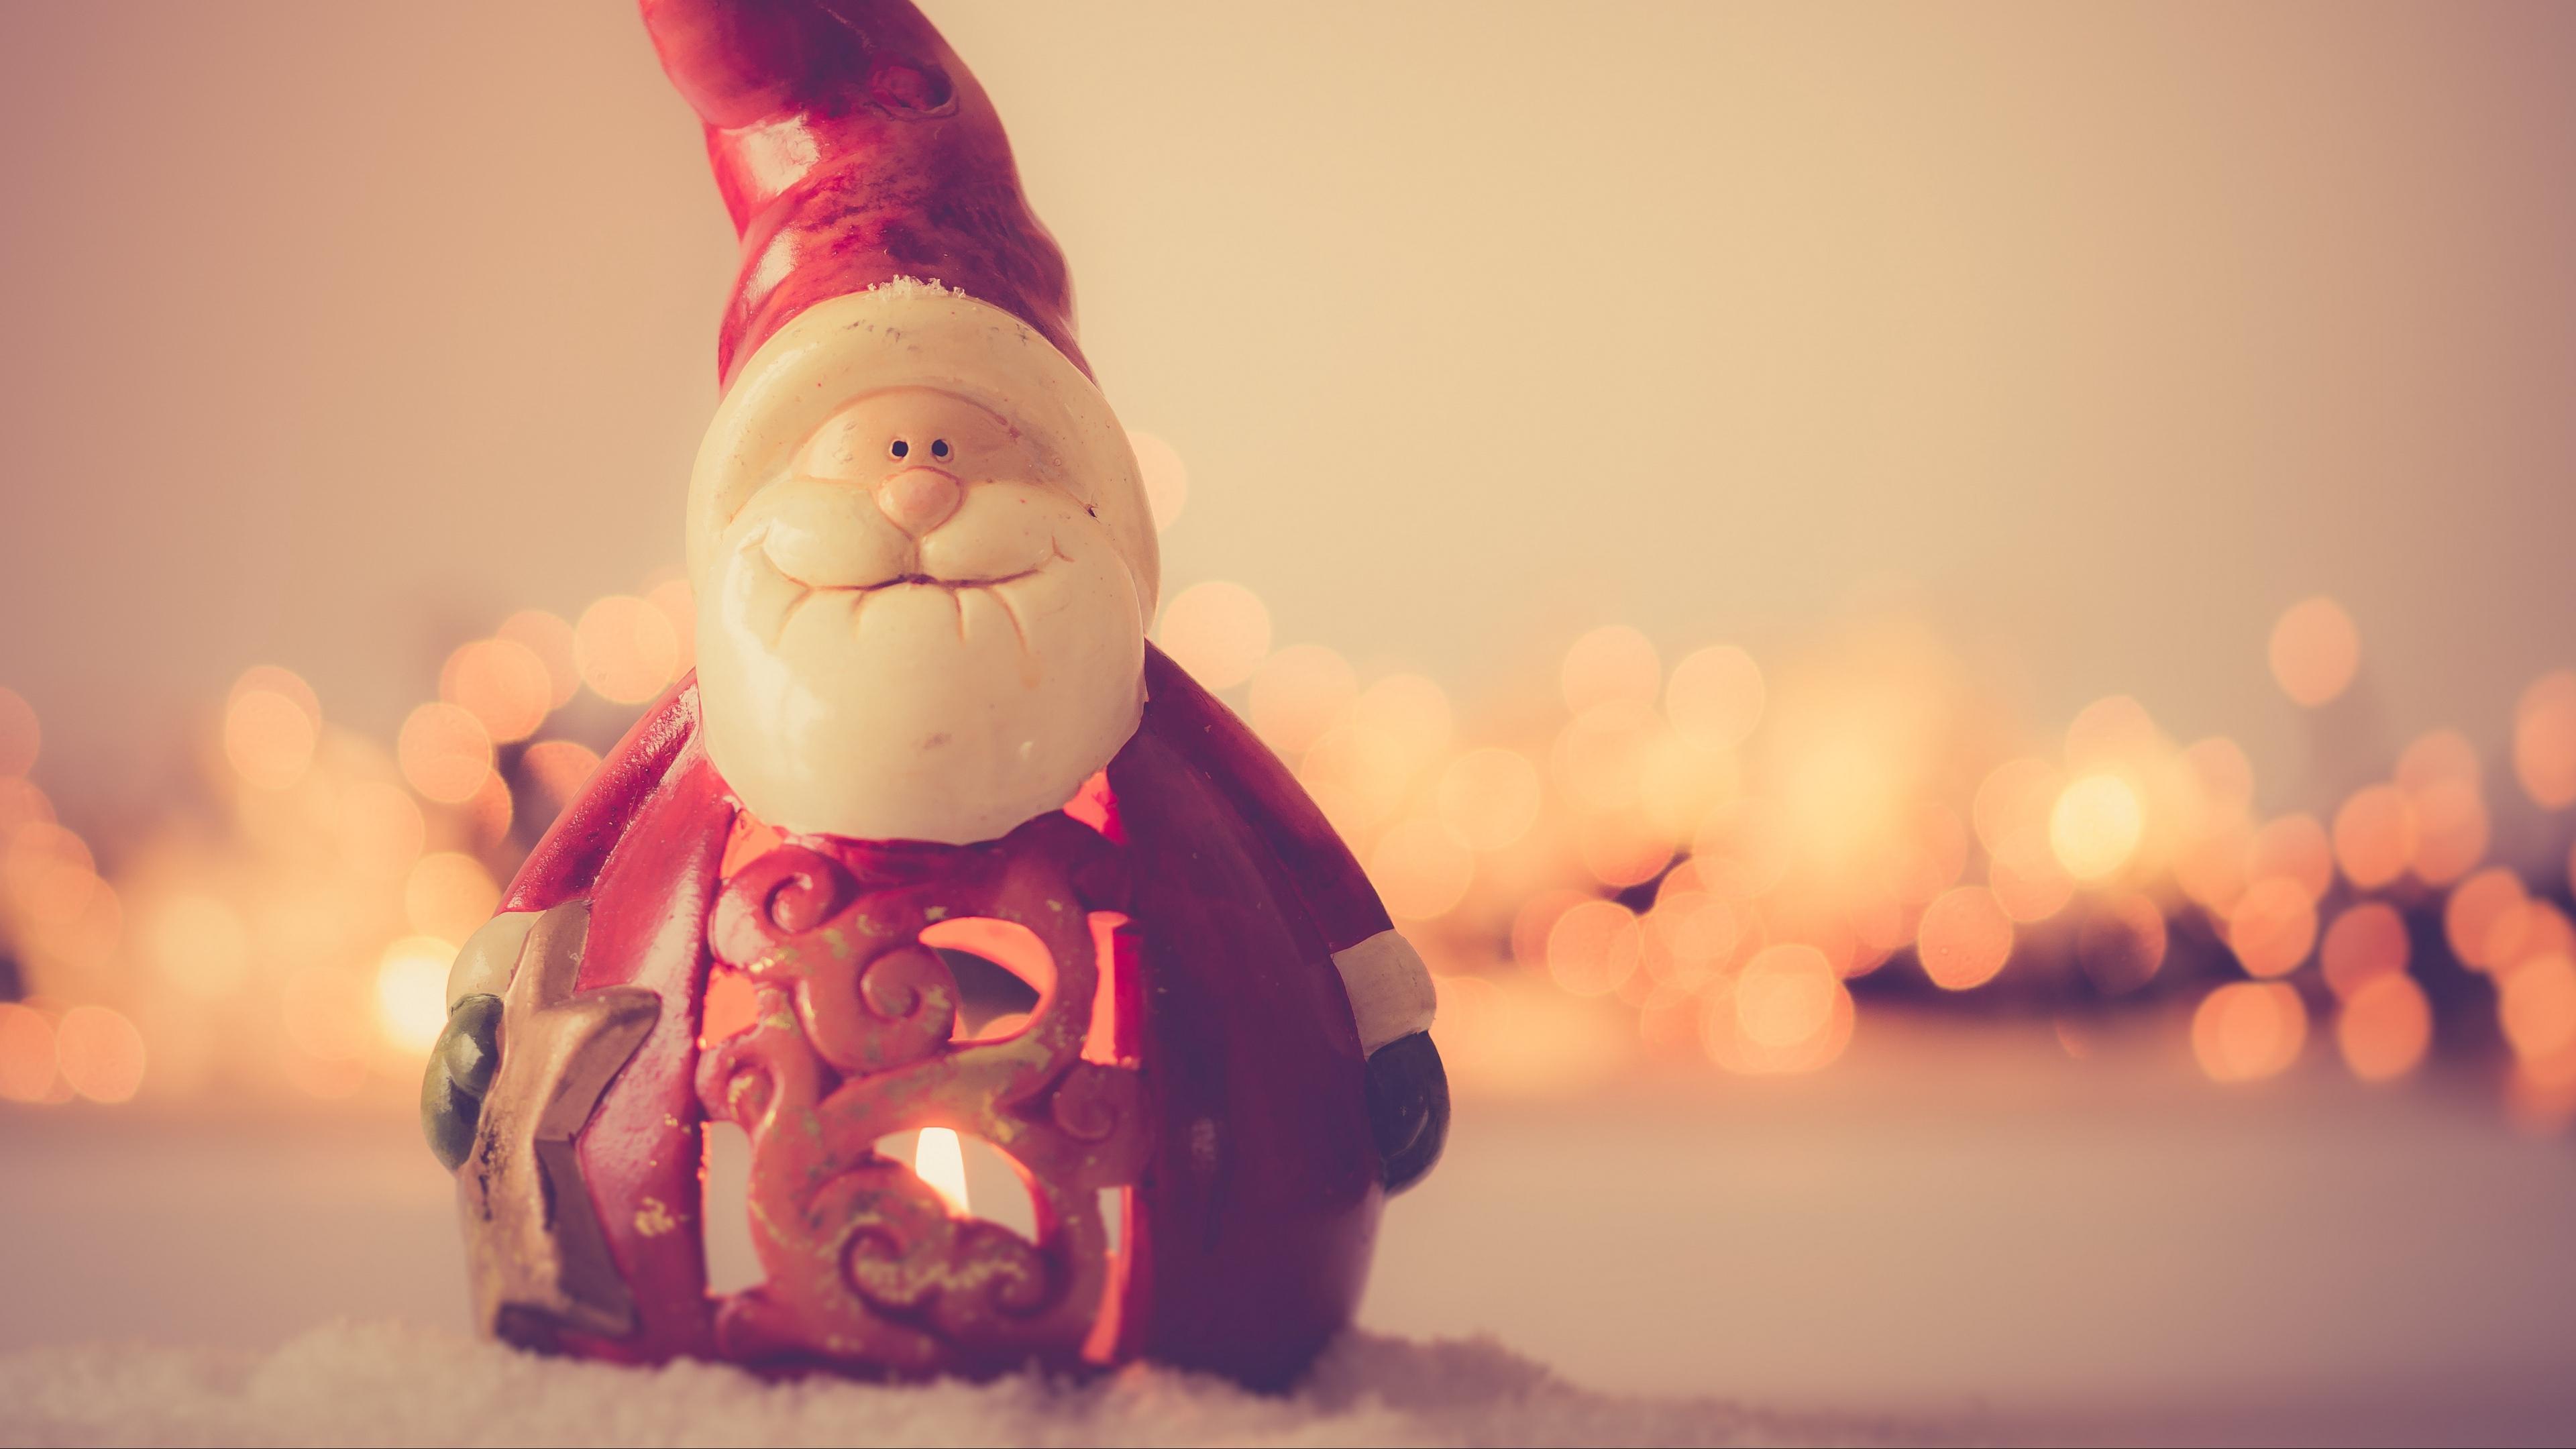 santa claus new year christmas 4k 1538344994 - santa claus, new year, christmas 4k - santa claus, new year, Christmas